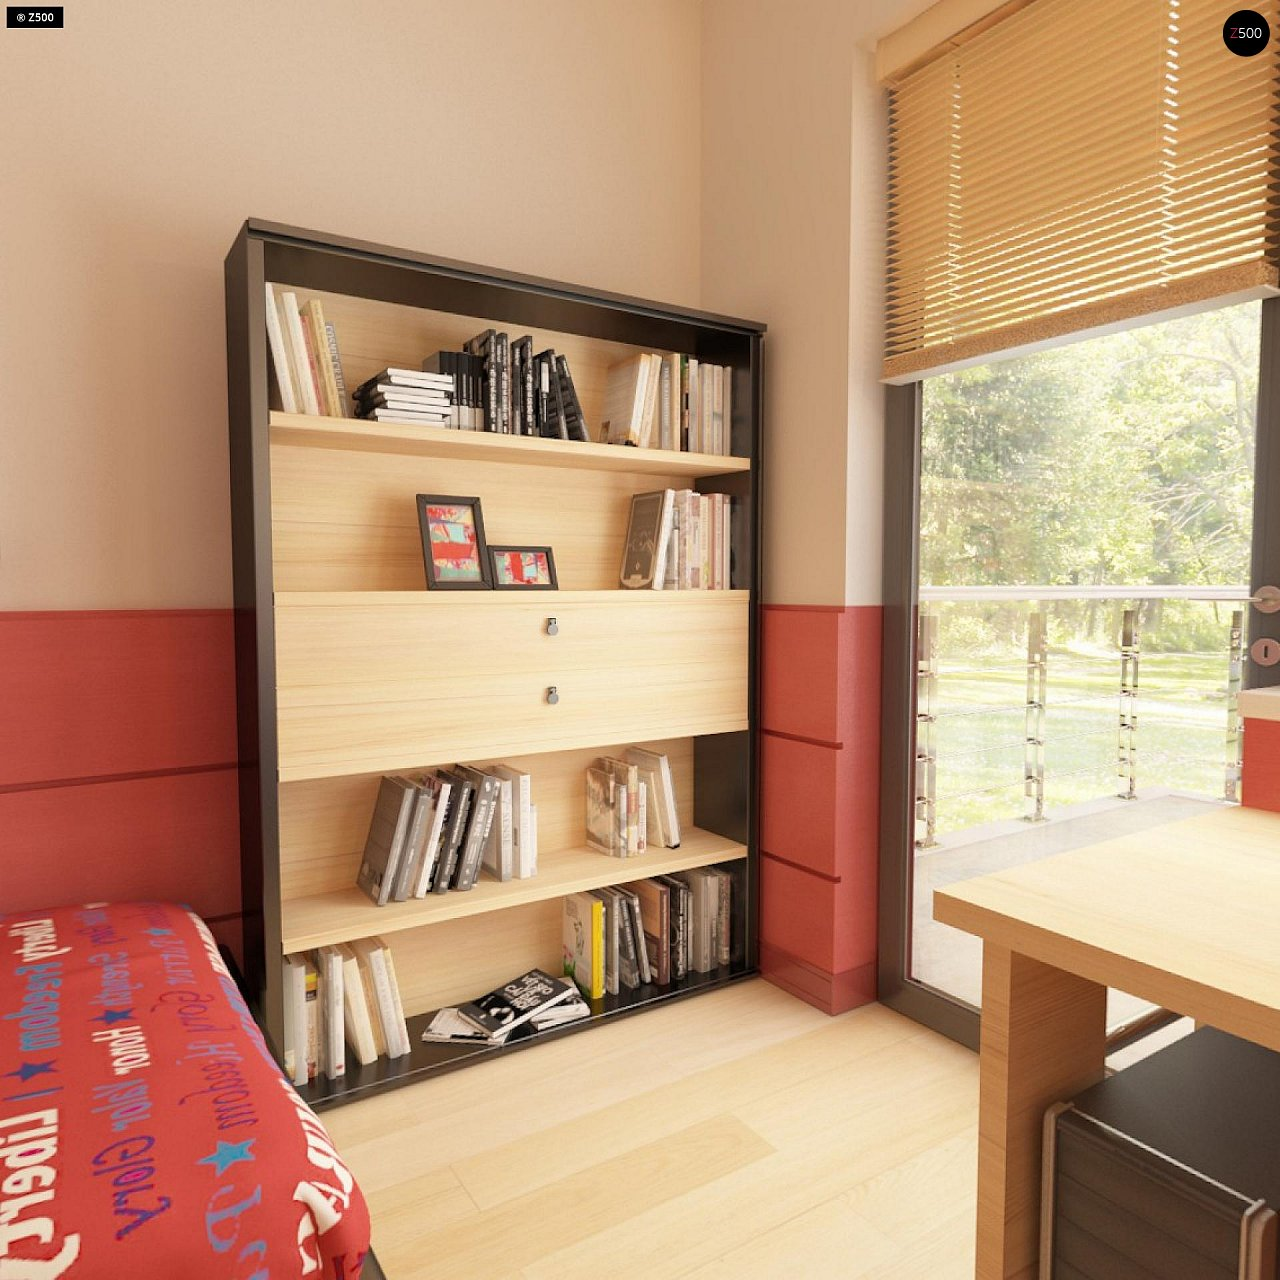 Вариант двухэтажного дома Zx24a с плитами перекрытия 13